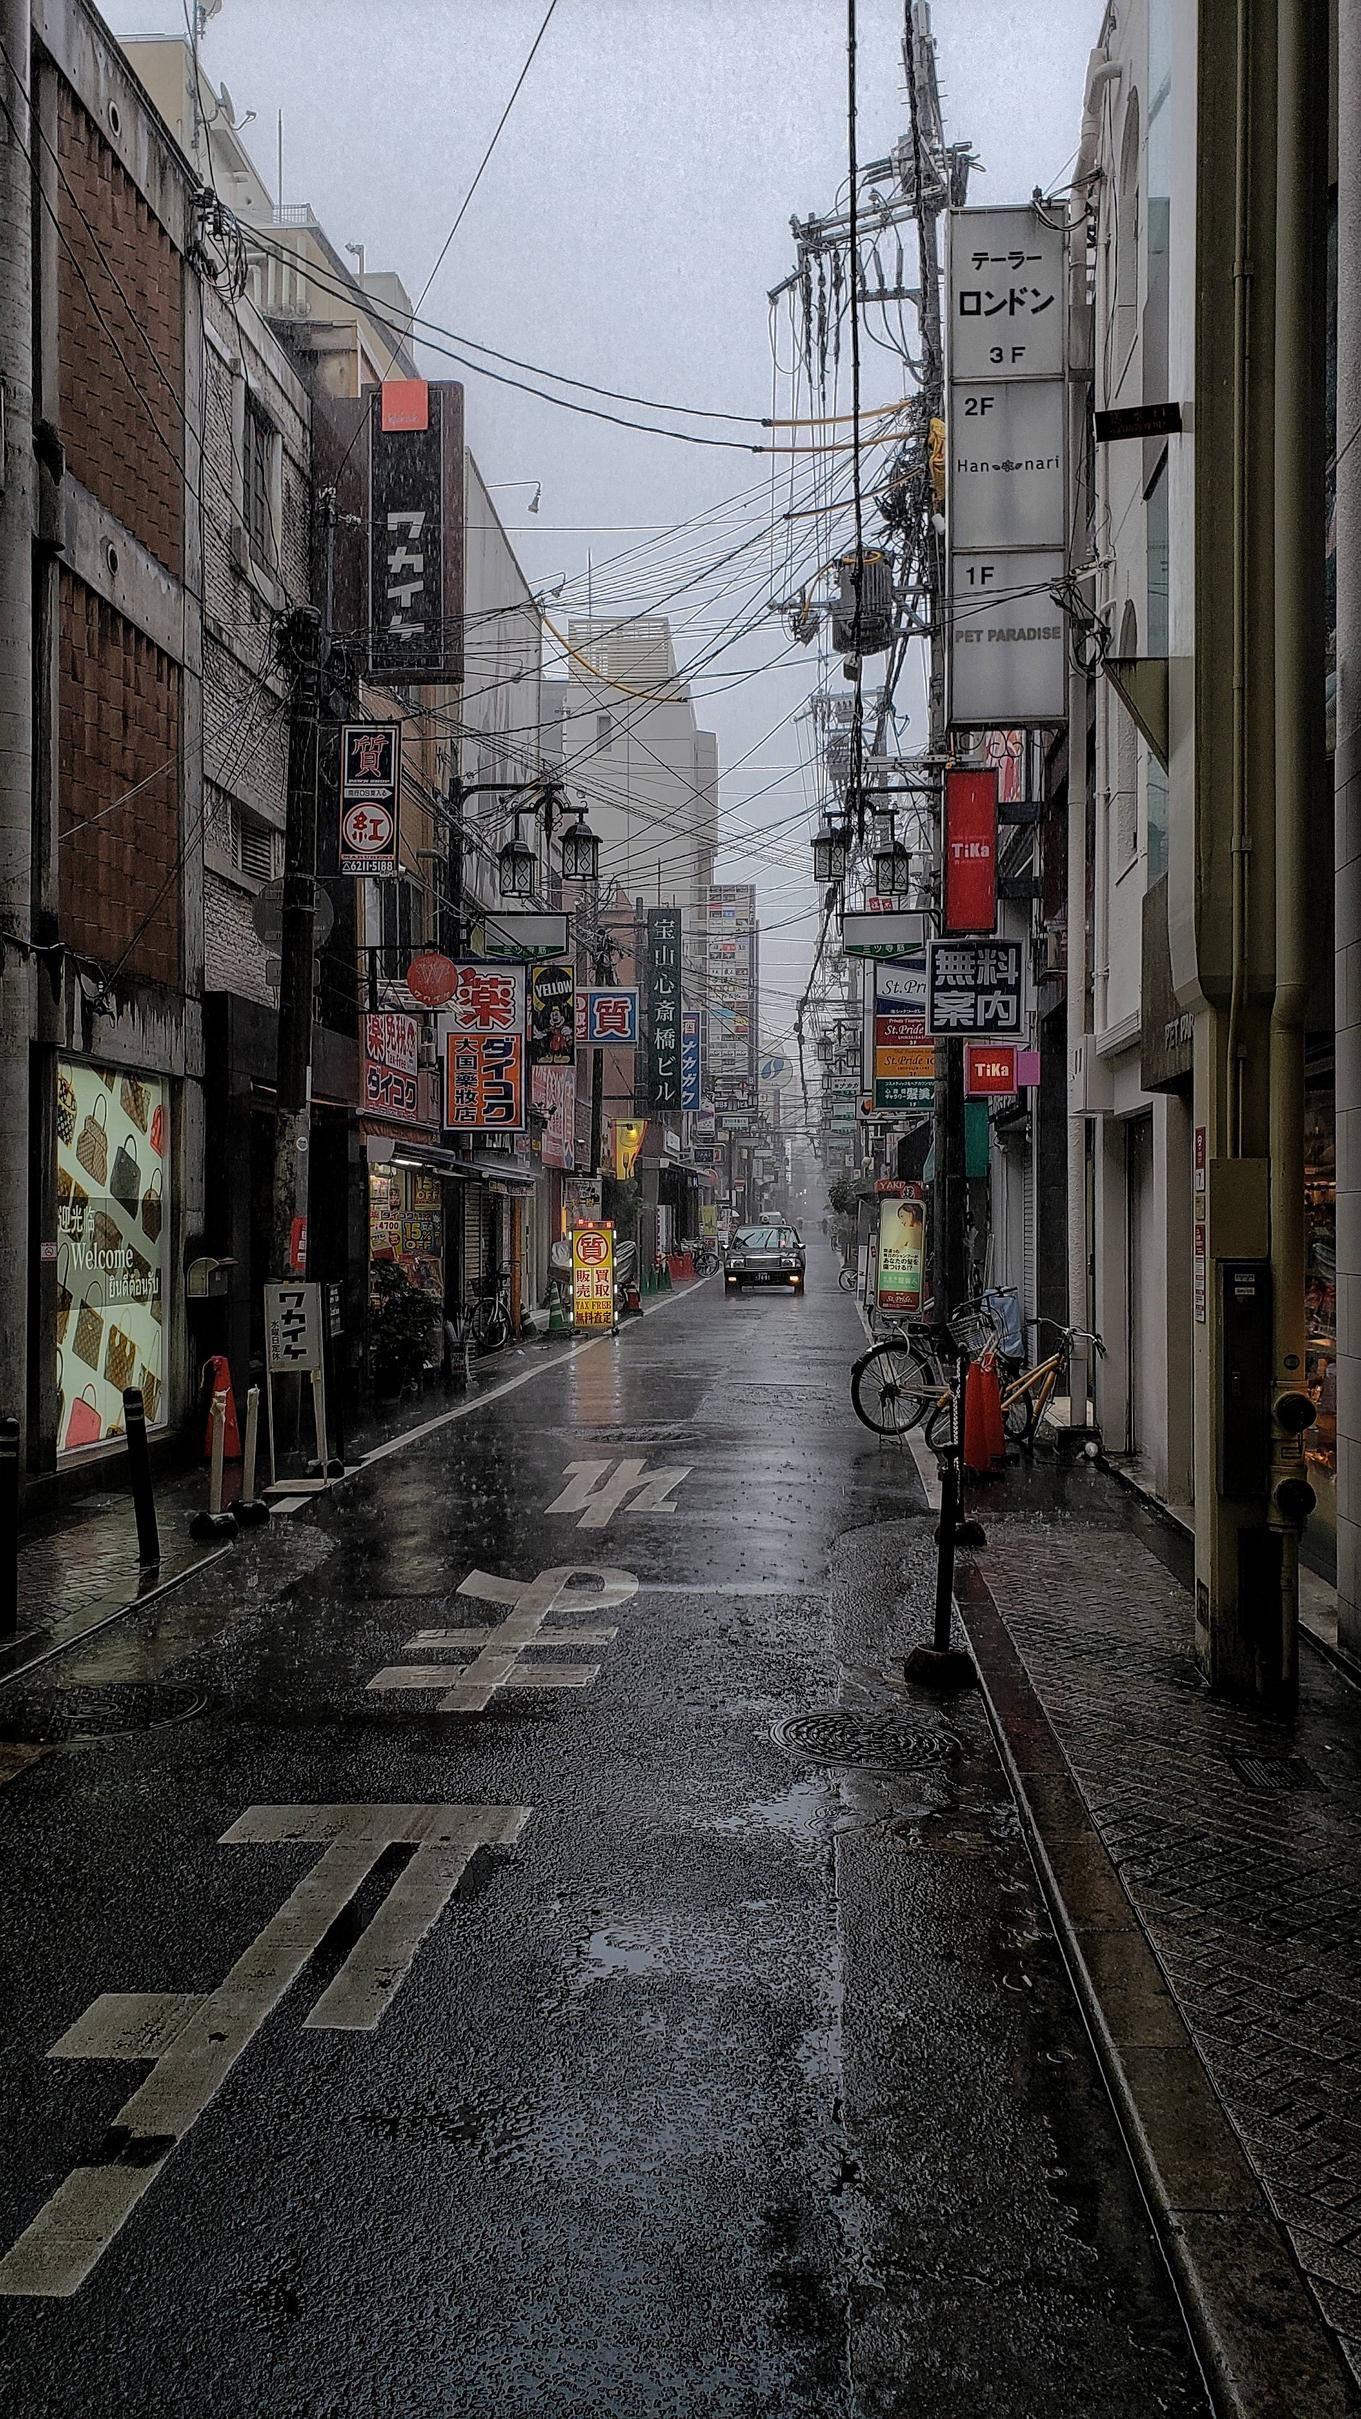 A rainy Osaka side street (OC)